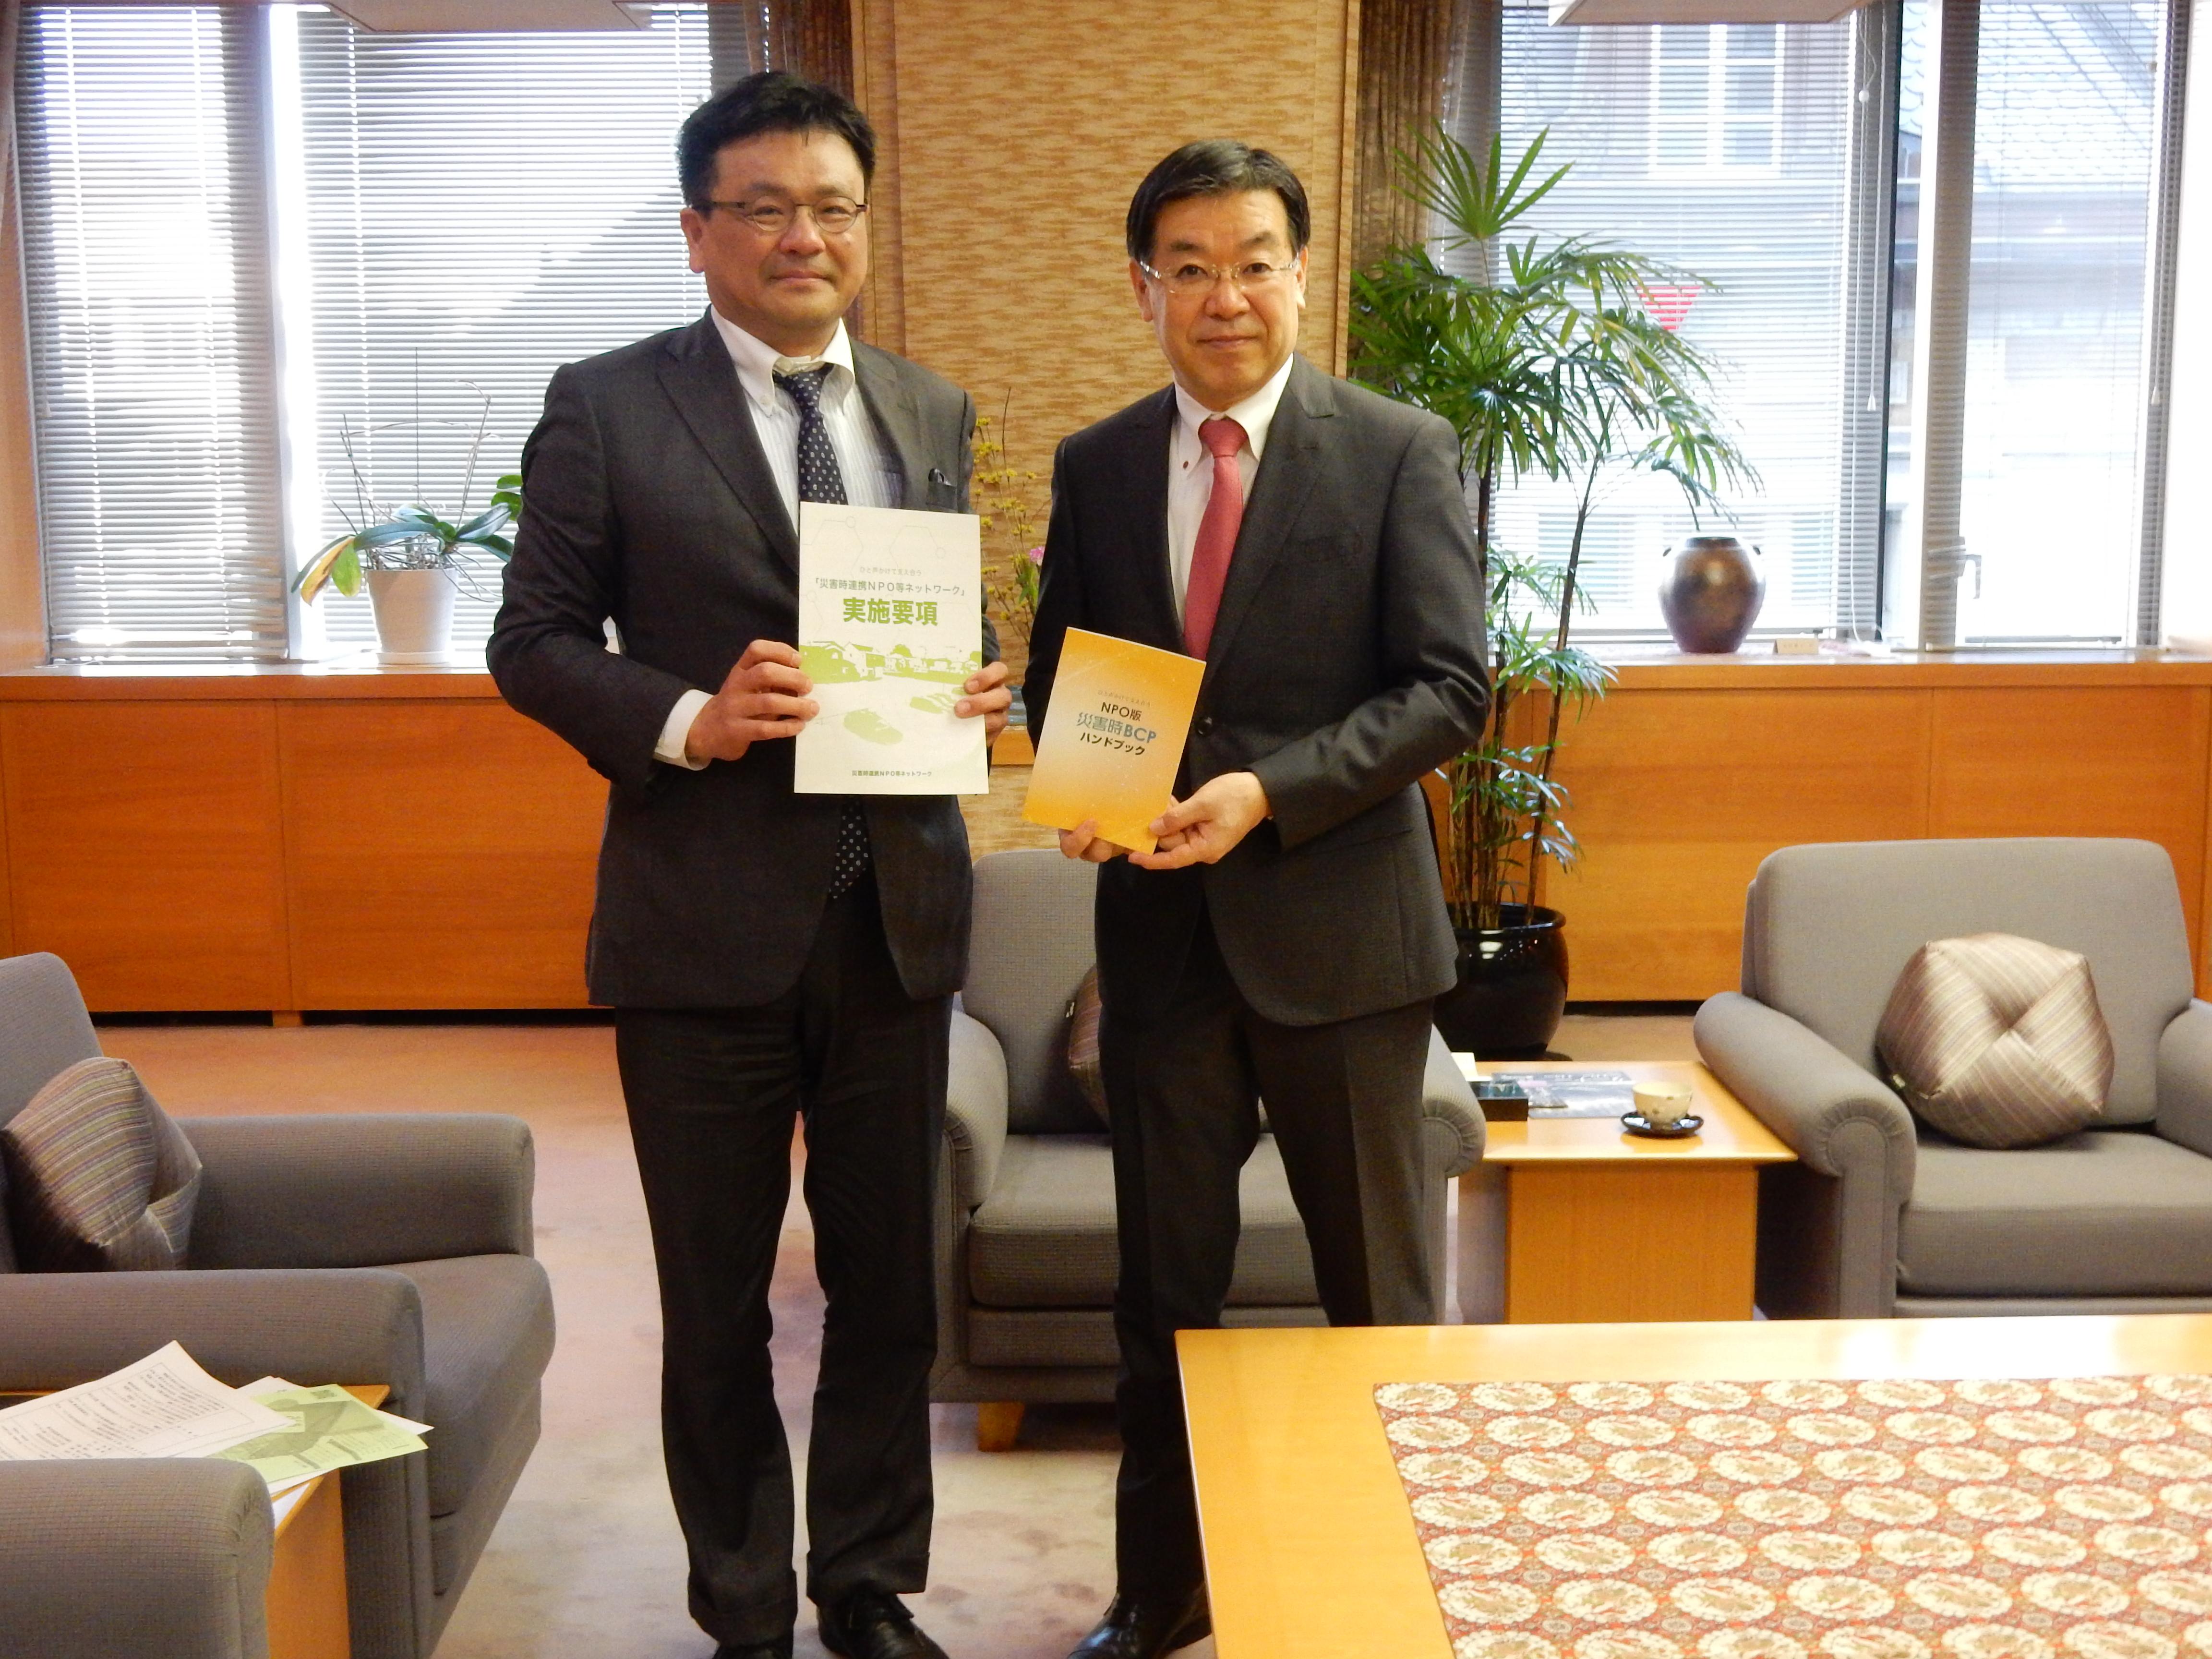 京都府知事へこれまでの活動を報告してきました。